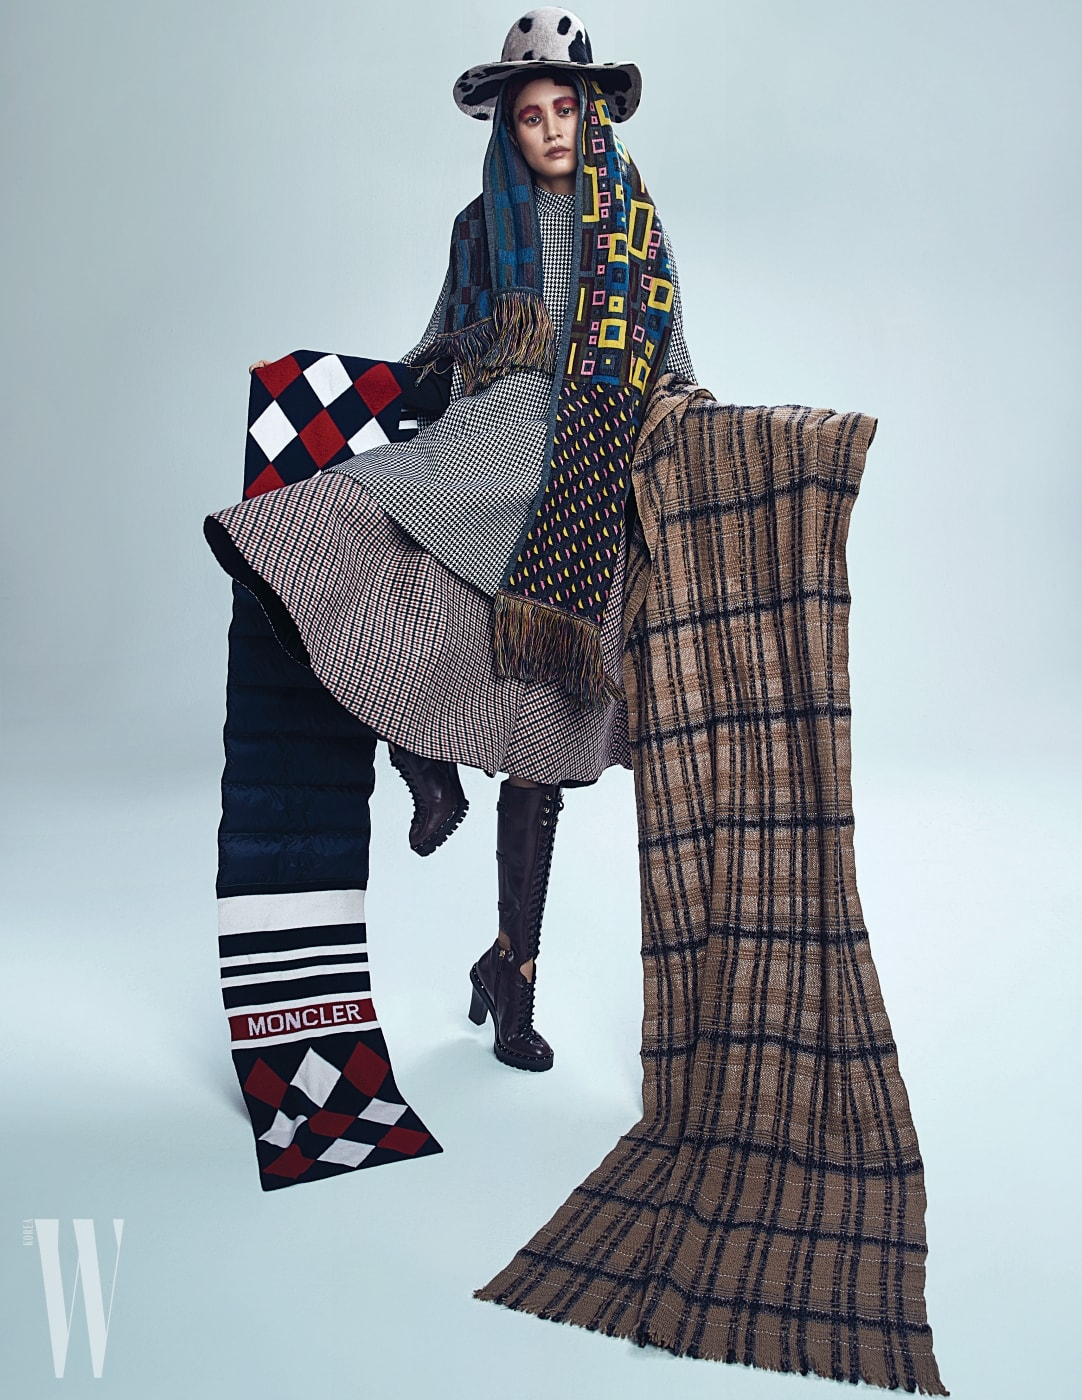 케이프 형태의 코트는 Dior, 체크 패턴 스커트는 N˚21, 레이스업 부츠는 Valentino Garavani, 모자는 Shinjeo, 모자와 연출한 컬러 프린트 니트 머플러는 Isola Marras by Antonio Marras, 오른팔의 패딩 니트 목도리는 Moncler, 왼팔의 체크무늬 머플러는 Fabiana Fillippi 제품 .